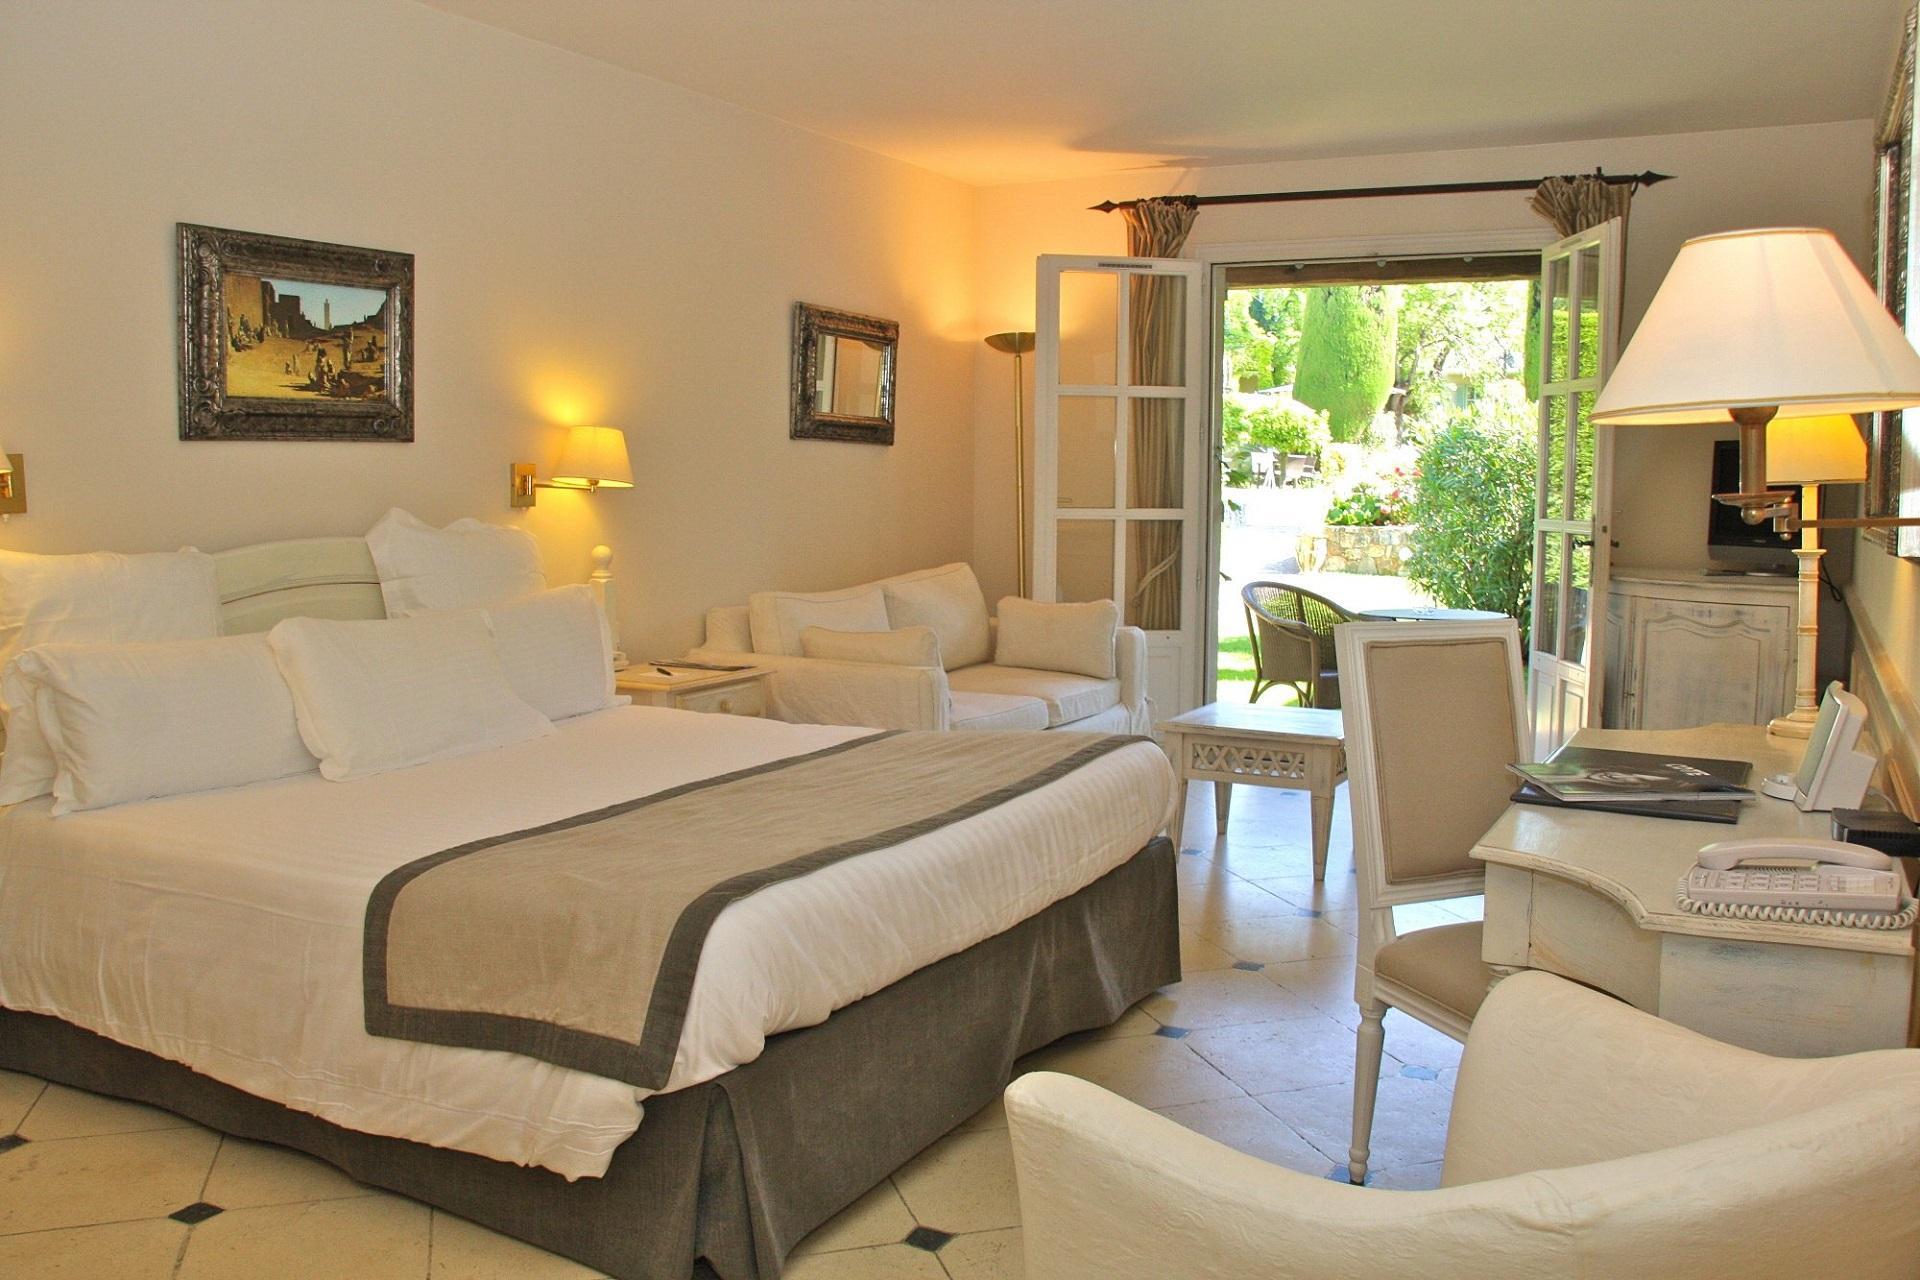 hotel-de-mougins-cote-dazur-cannes-chambre-seminaires-de-caractere